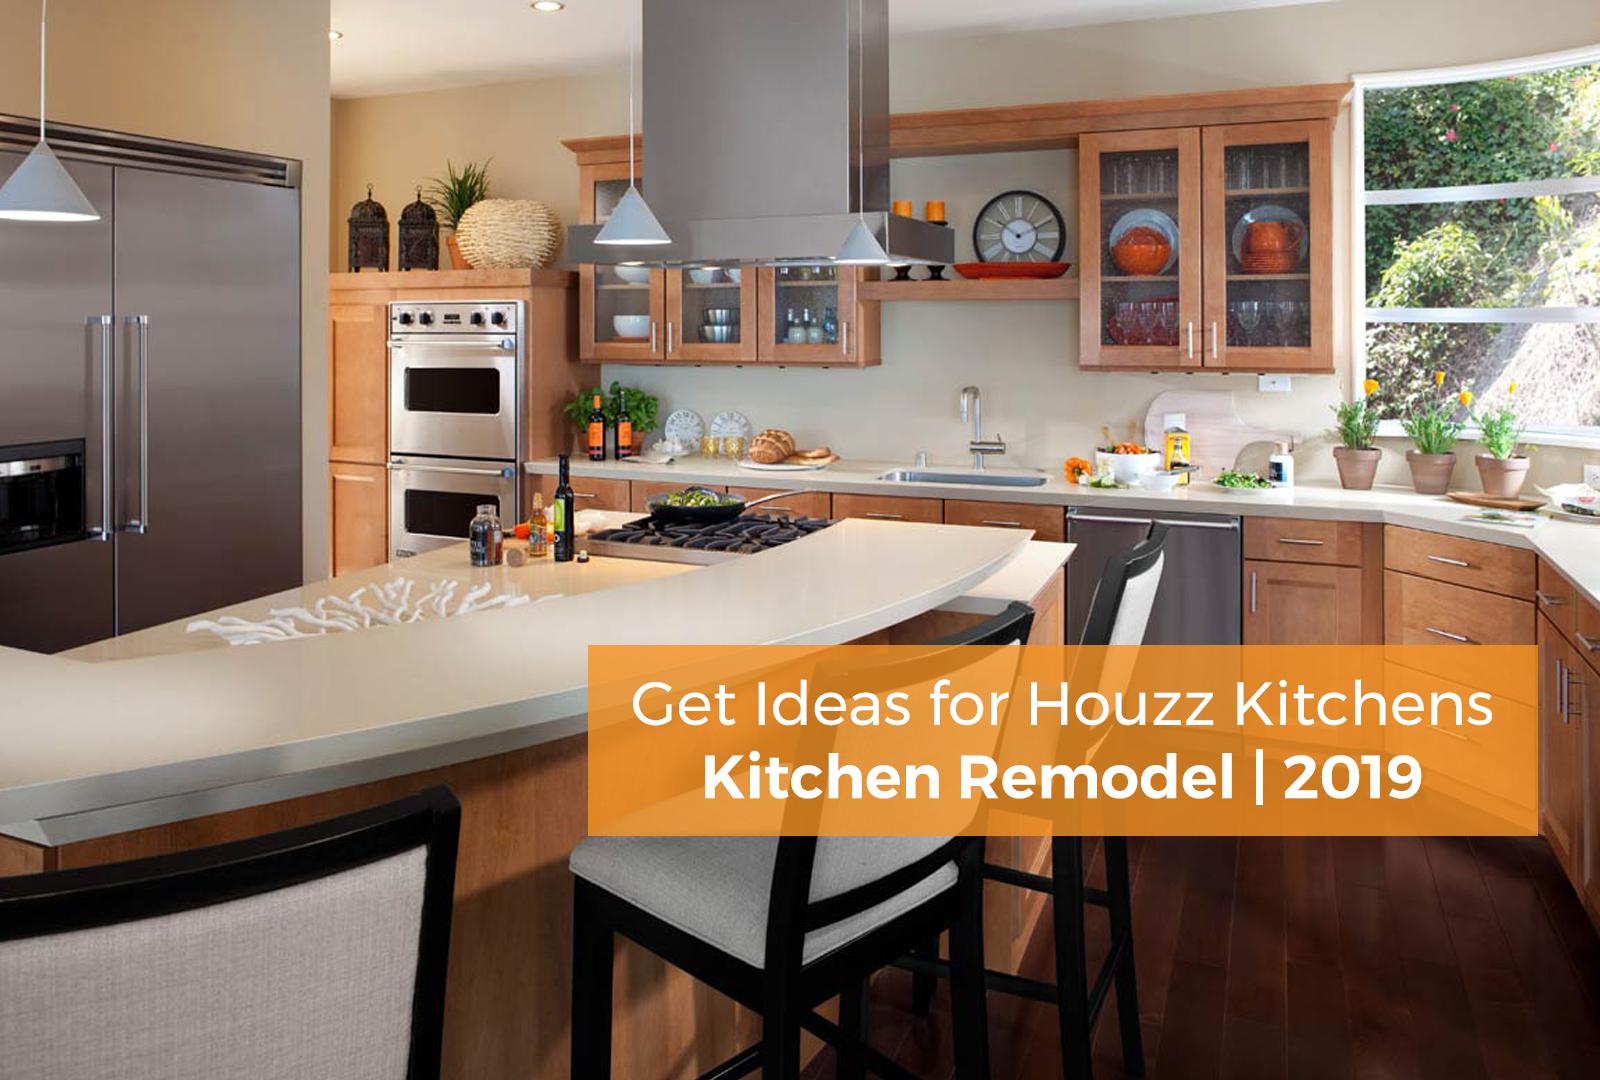 Get Ideas For Houzz Kitchens Kitchen Remodel 2019